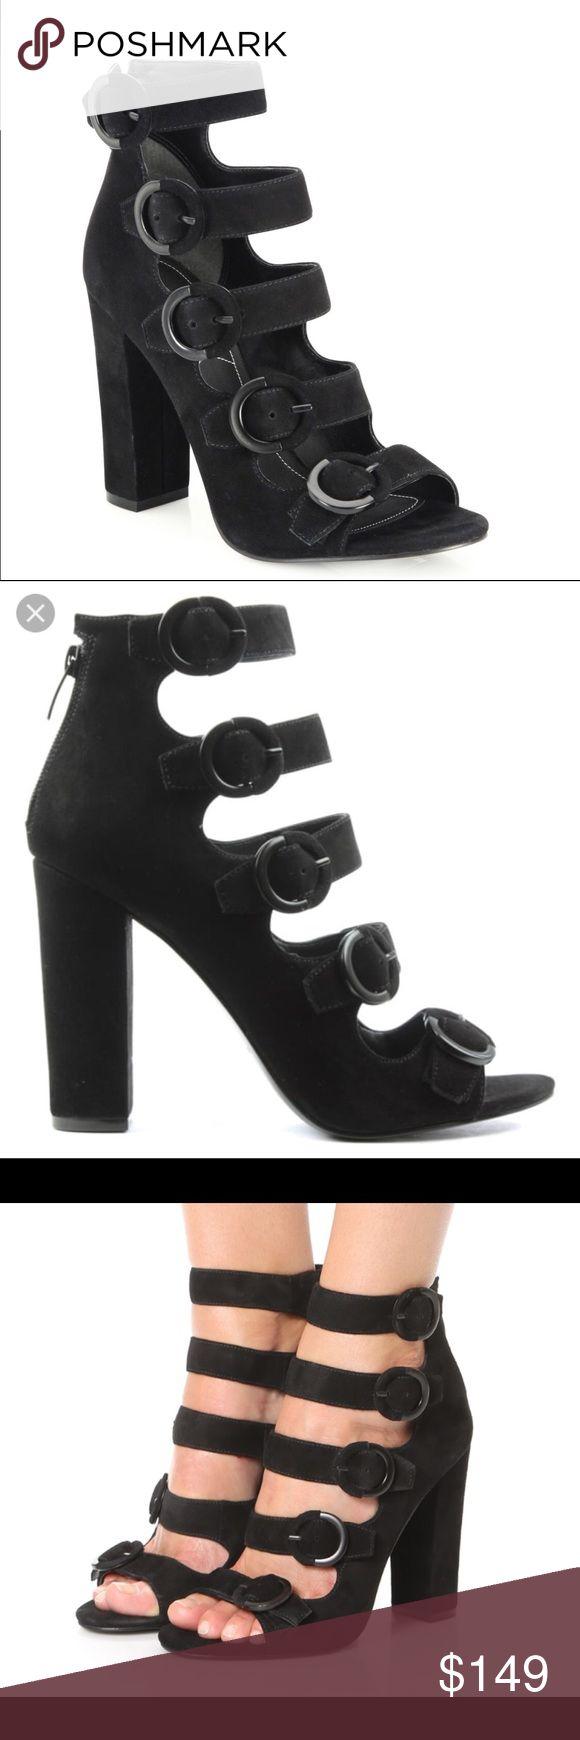 Kendall & Kylie heels Gorgeous black suede Kendall and Kylie heels from Saks 5th Ave Kendall & Kylie Shoes Heels